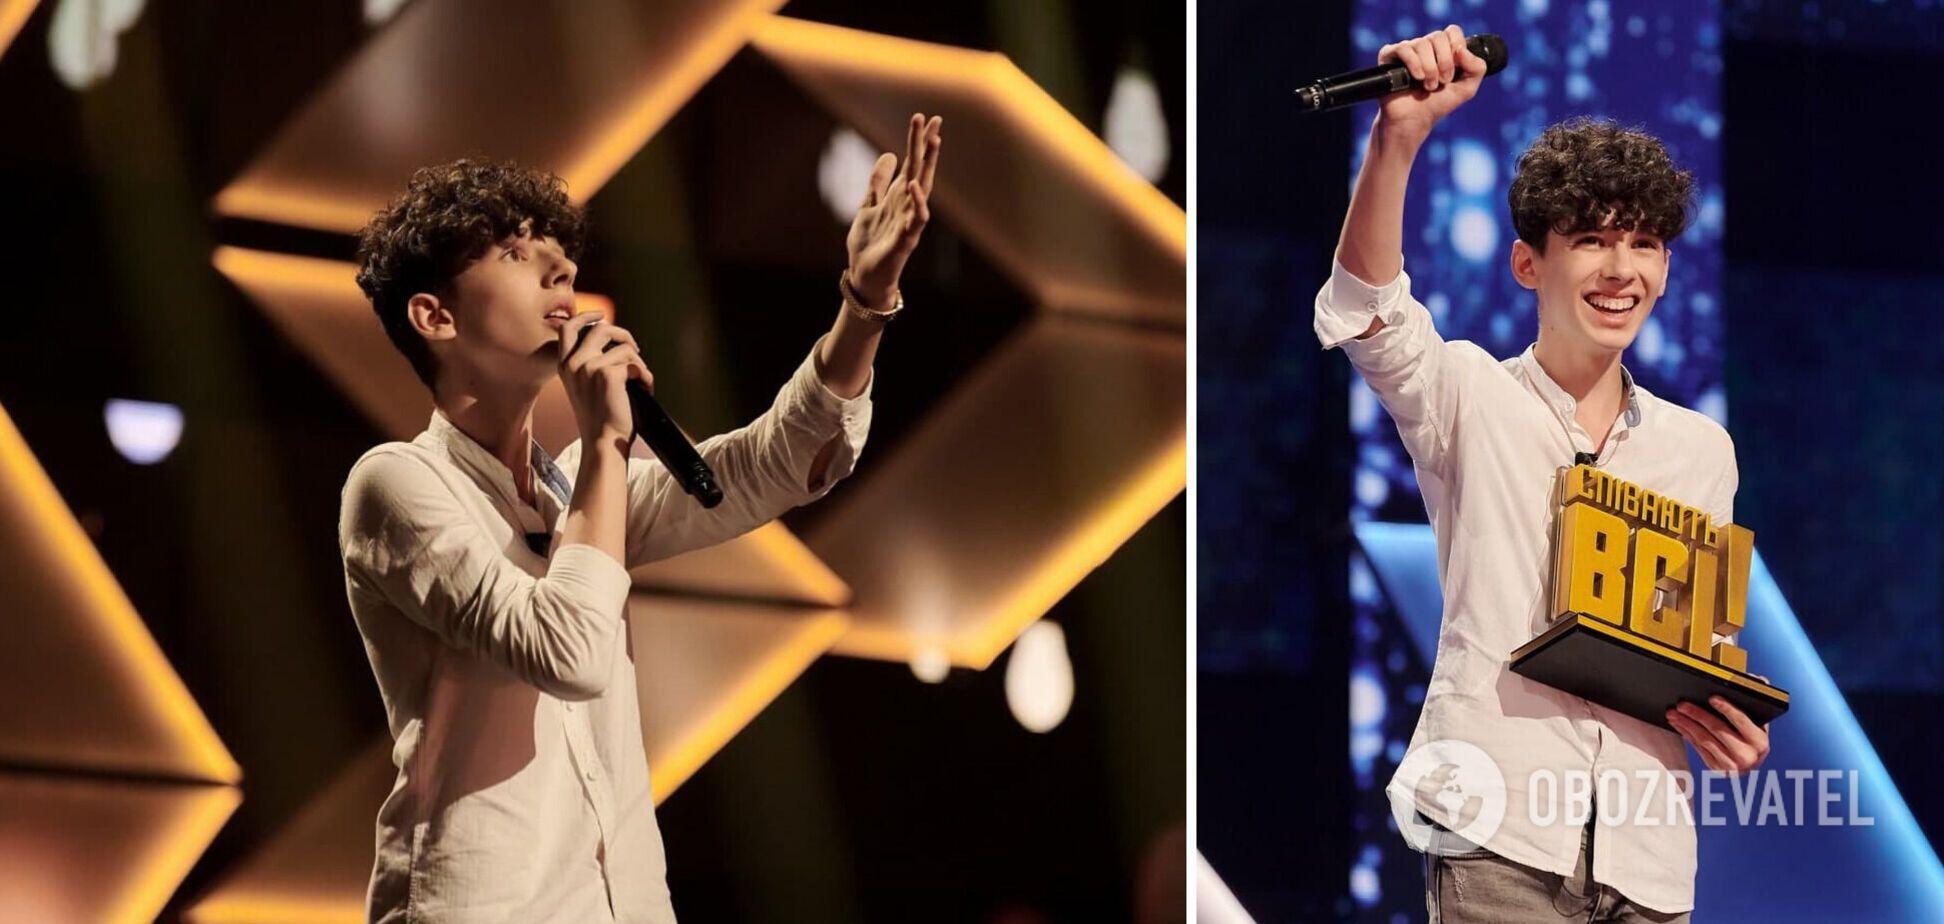 Переможець 'Співають всі' розповів, що робитиме після шоу і куди витратить пів мільйона гривень. Ексклюзивне інтерв'ю